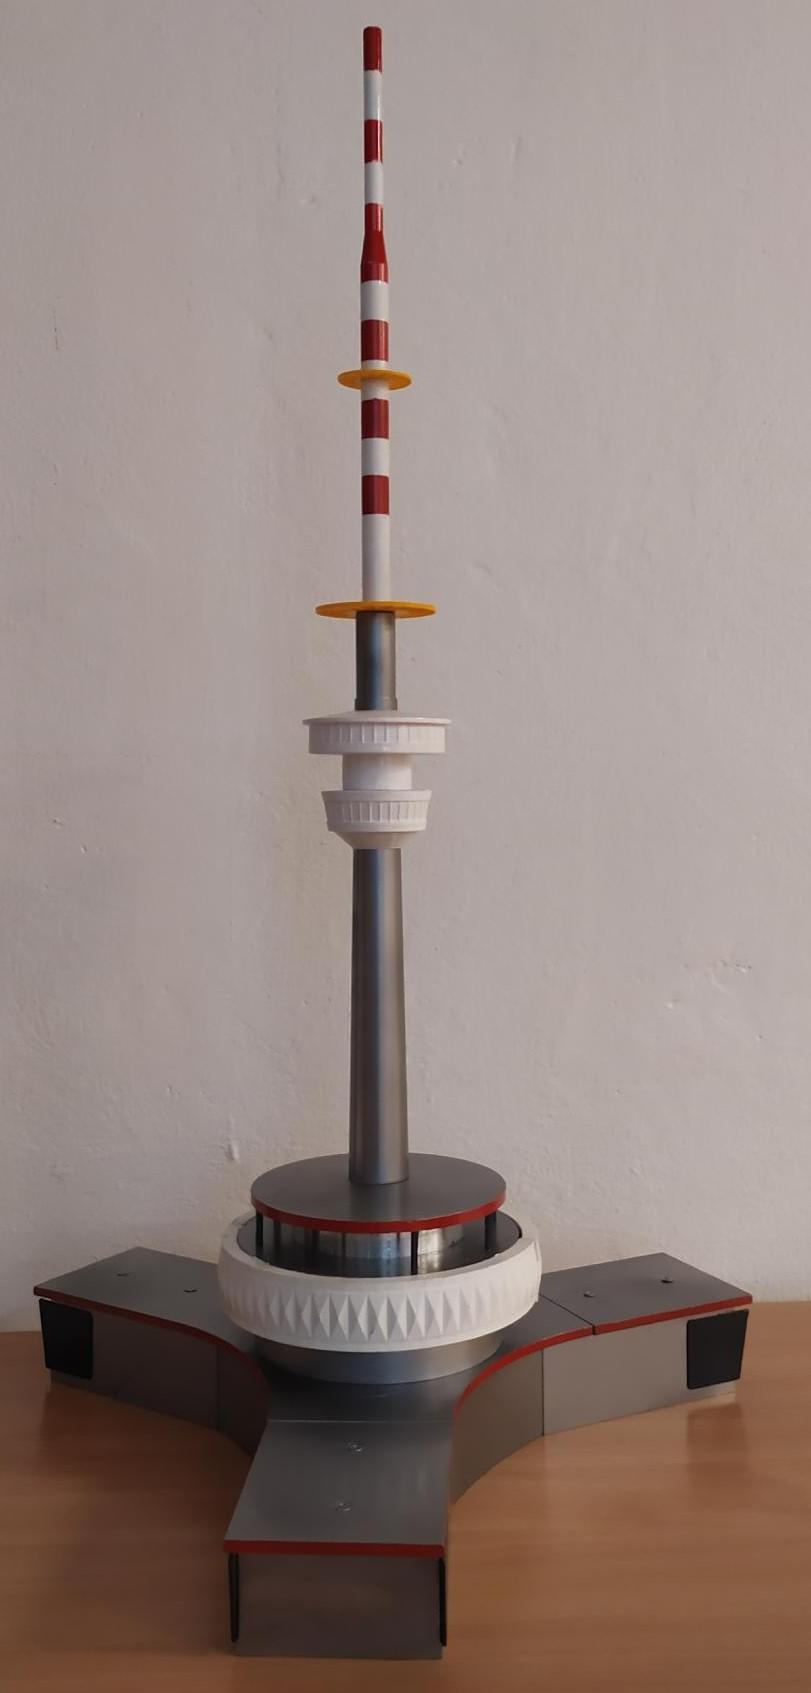 Model Pradědu, který vznikl pomocí 3D tisku a CNC obrábění kovových dílů. Foto: Radek Rončák